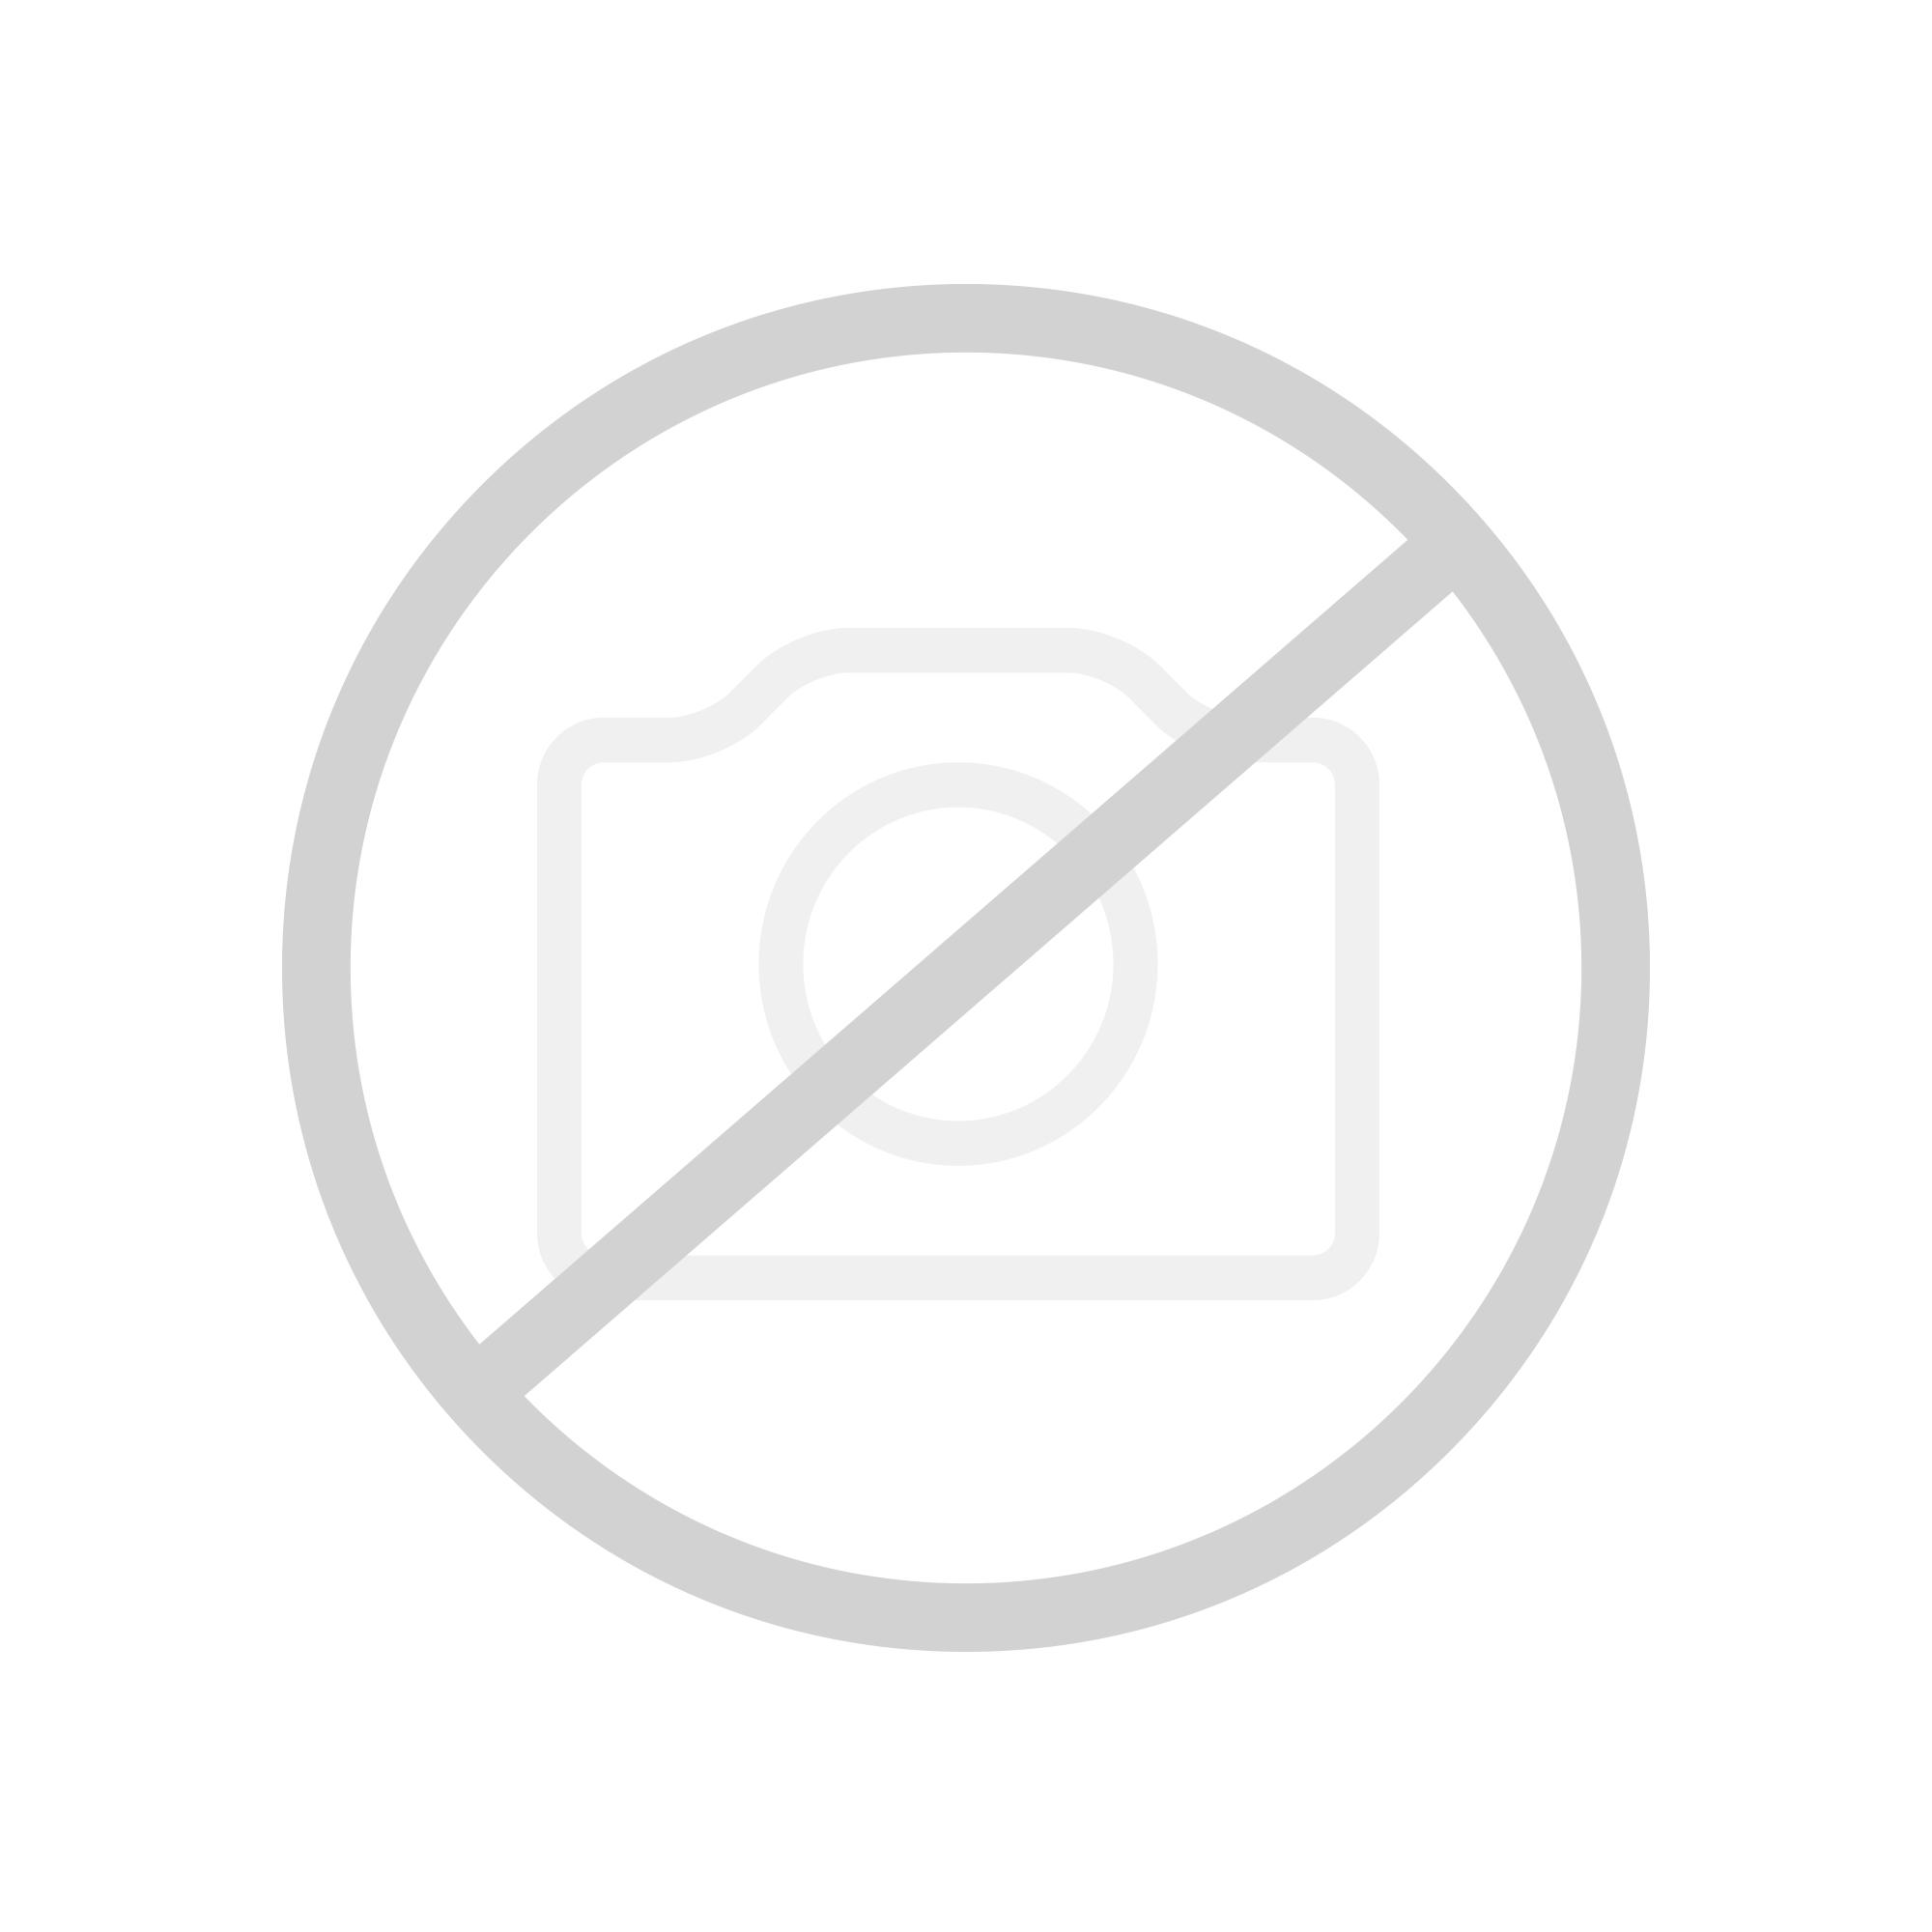 wagner ewar waschtischarmatur wa 200 f r niederdruck edelstahl matt geschliffen 924267. Black Bedroom Furniture Sets. Home Design Ideas